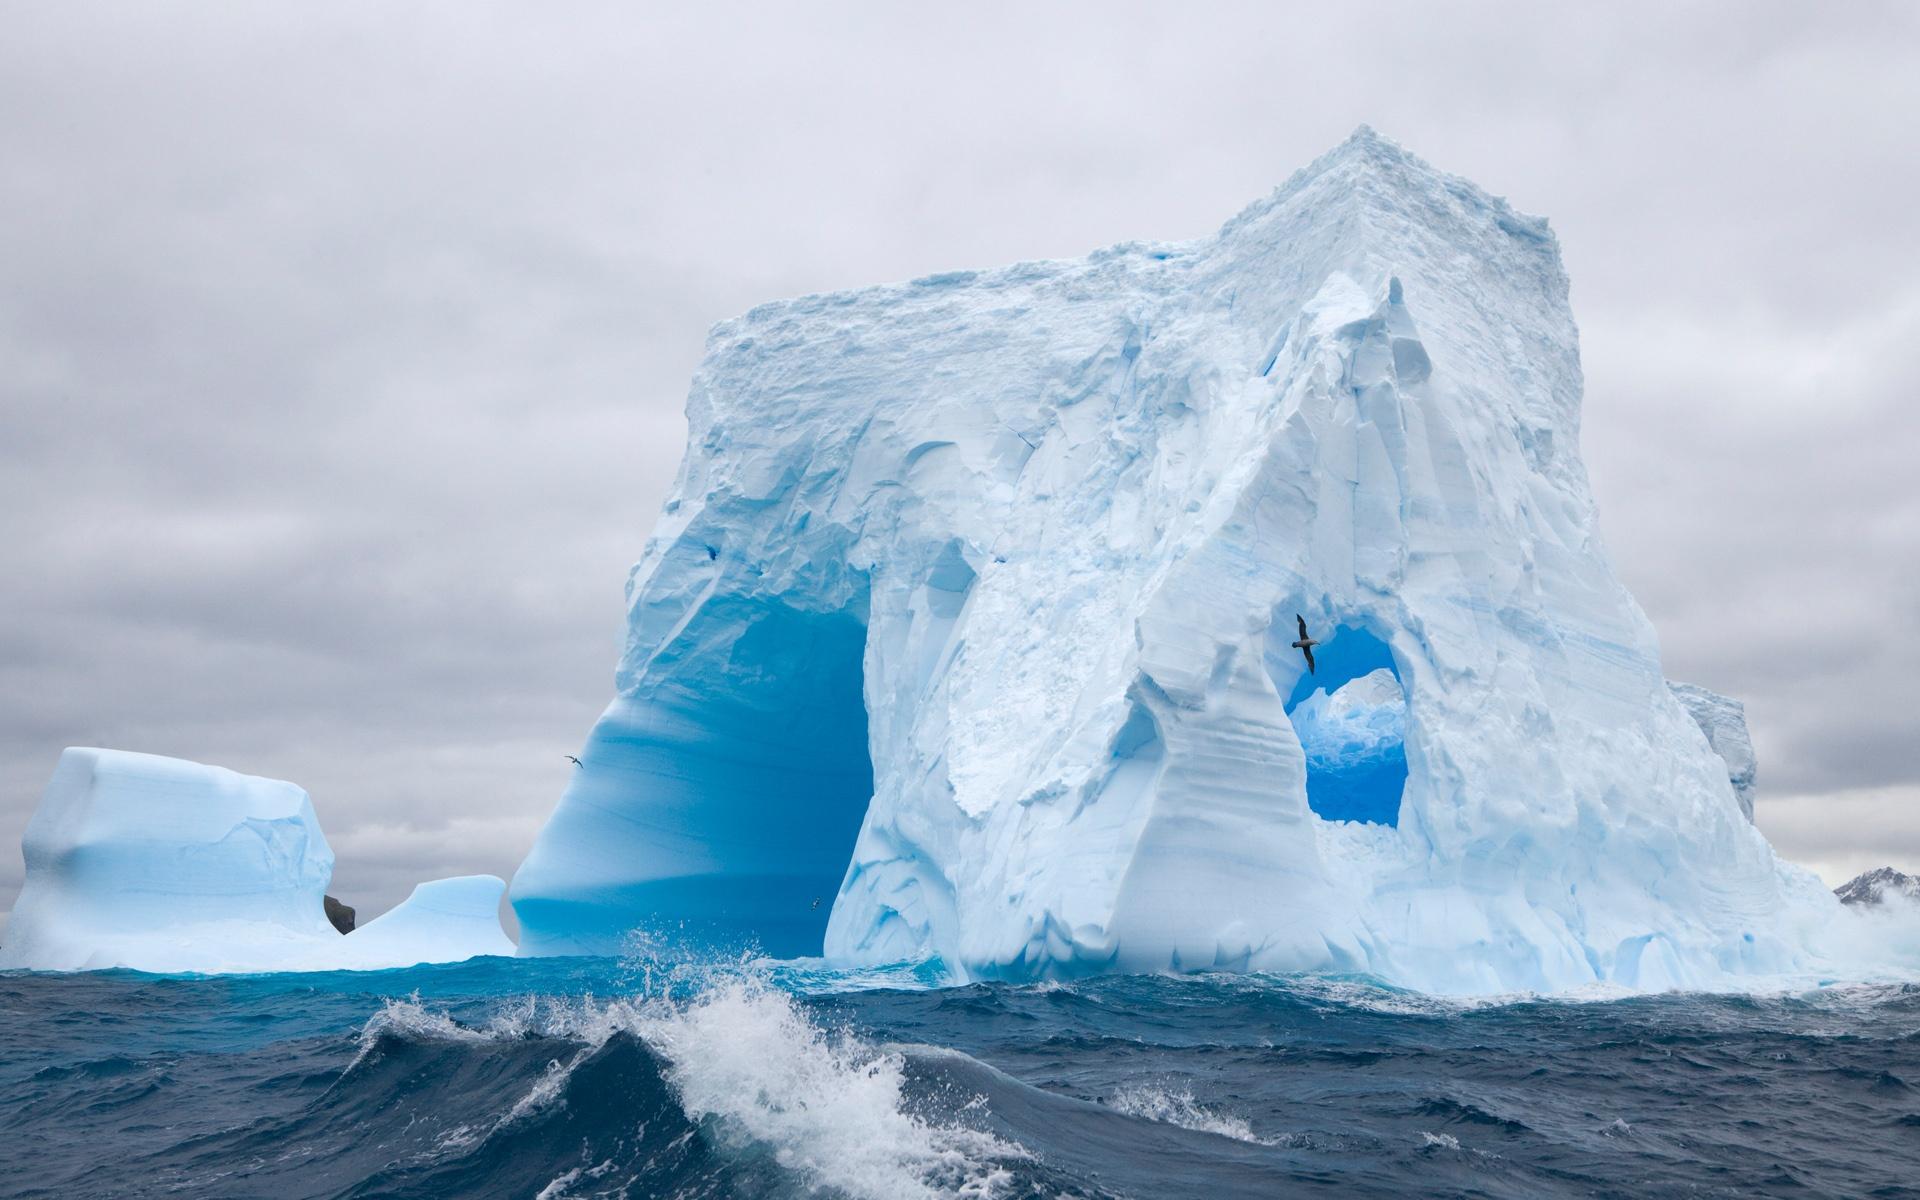 природа айсберг море горизонт nature iceberg sea horizon  № 3511004 бесплатно